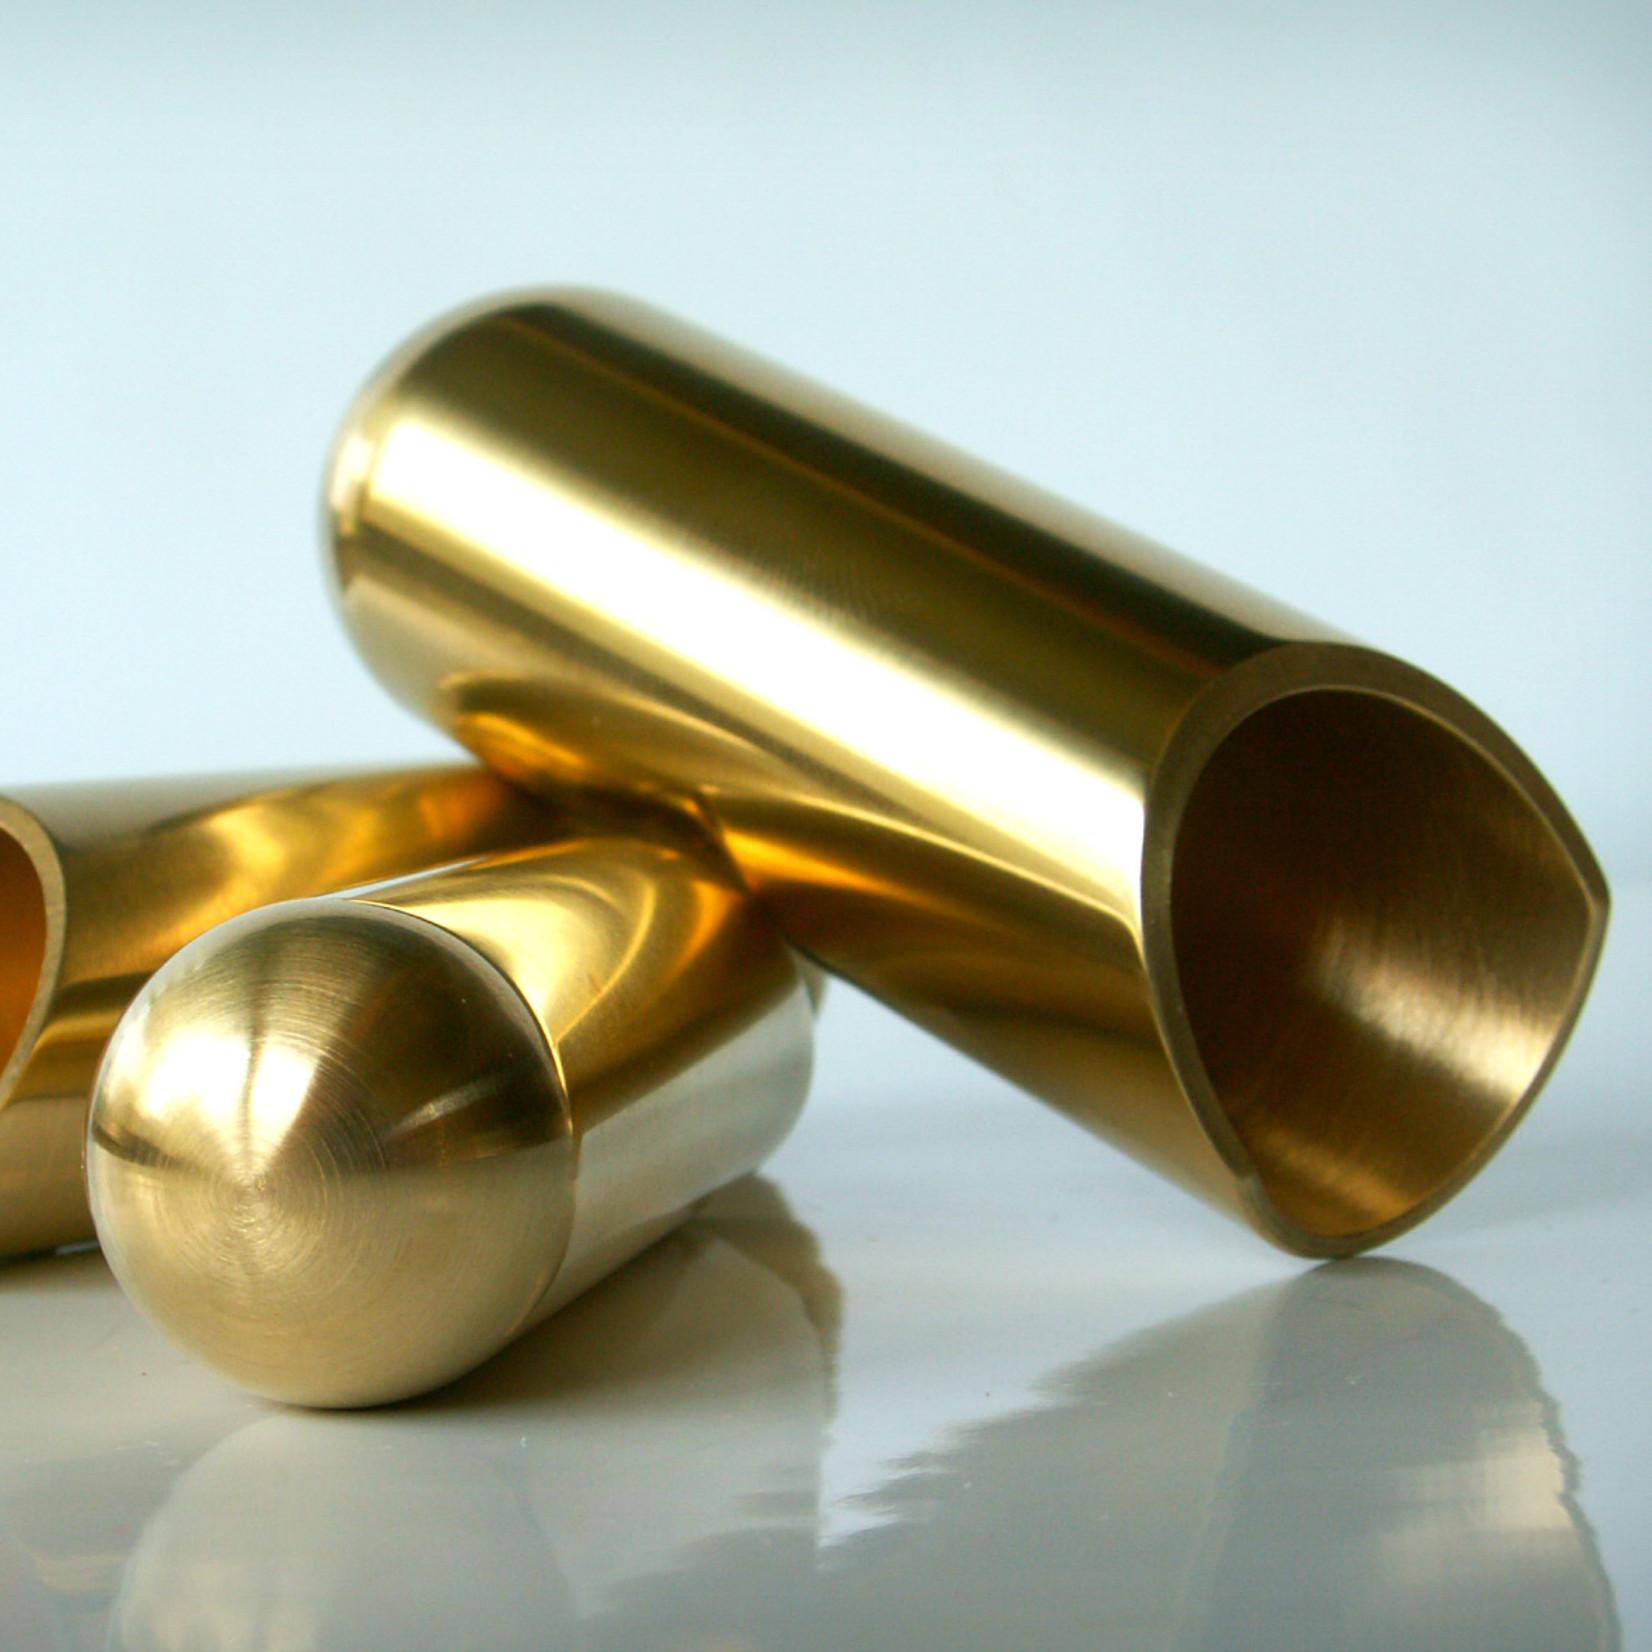 The Rock Slide The Rock Slide - Large Balltip Guitar Slide, Polished Brass, Ring Size 11-13